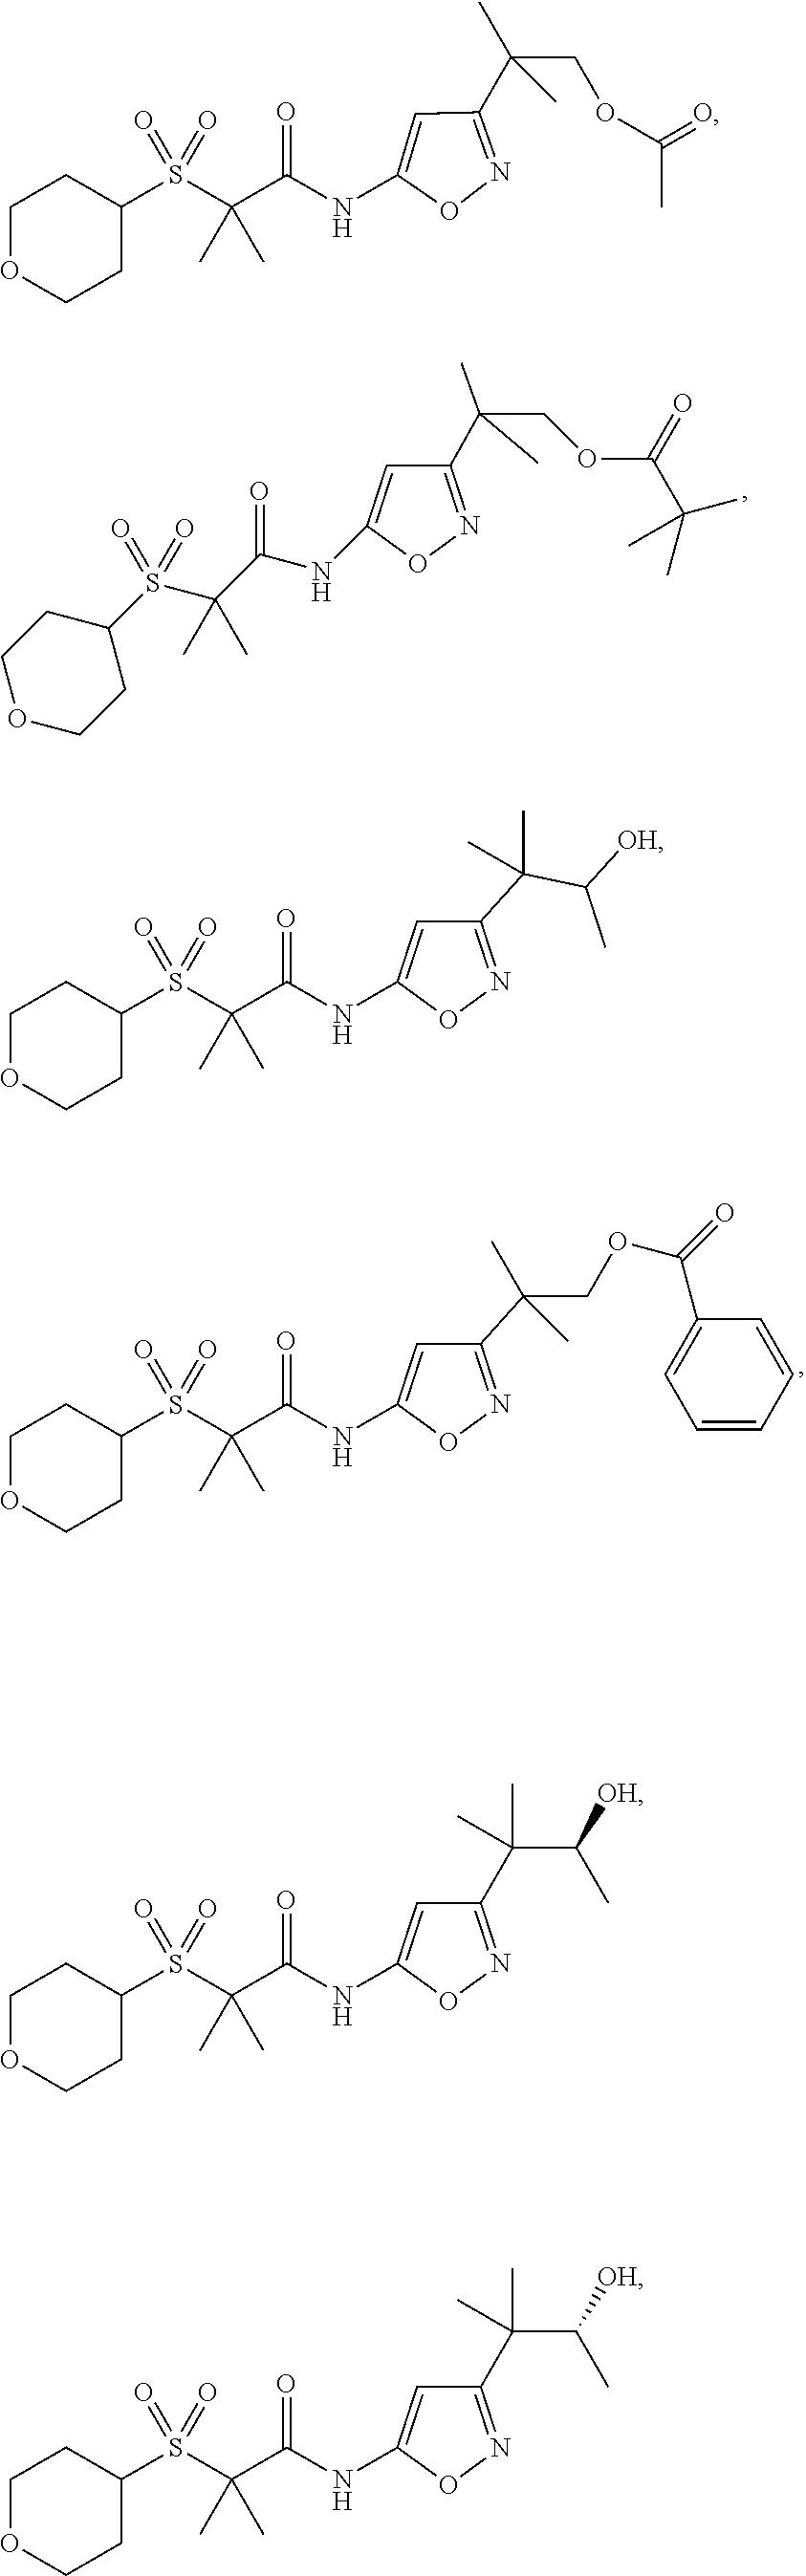 Figure US08372874-20130212-C00479